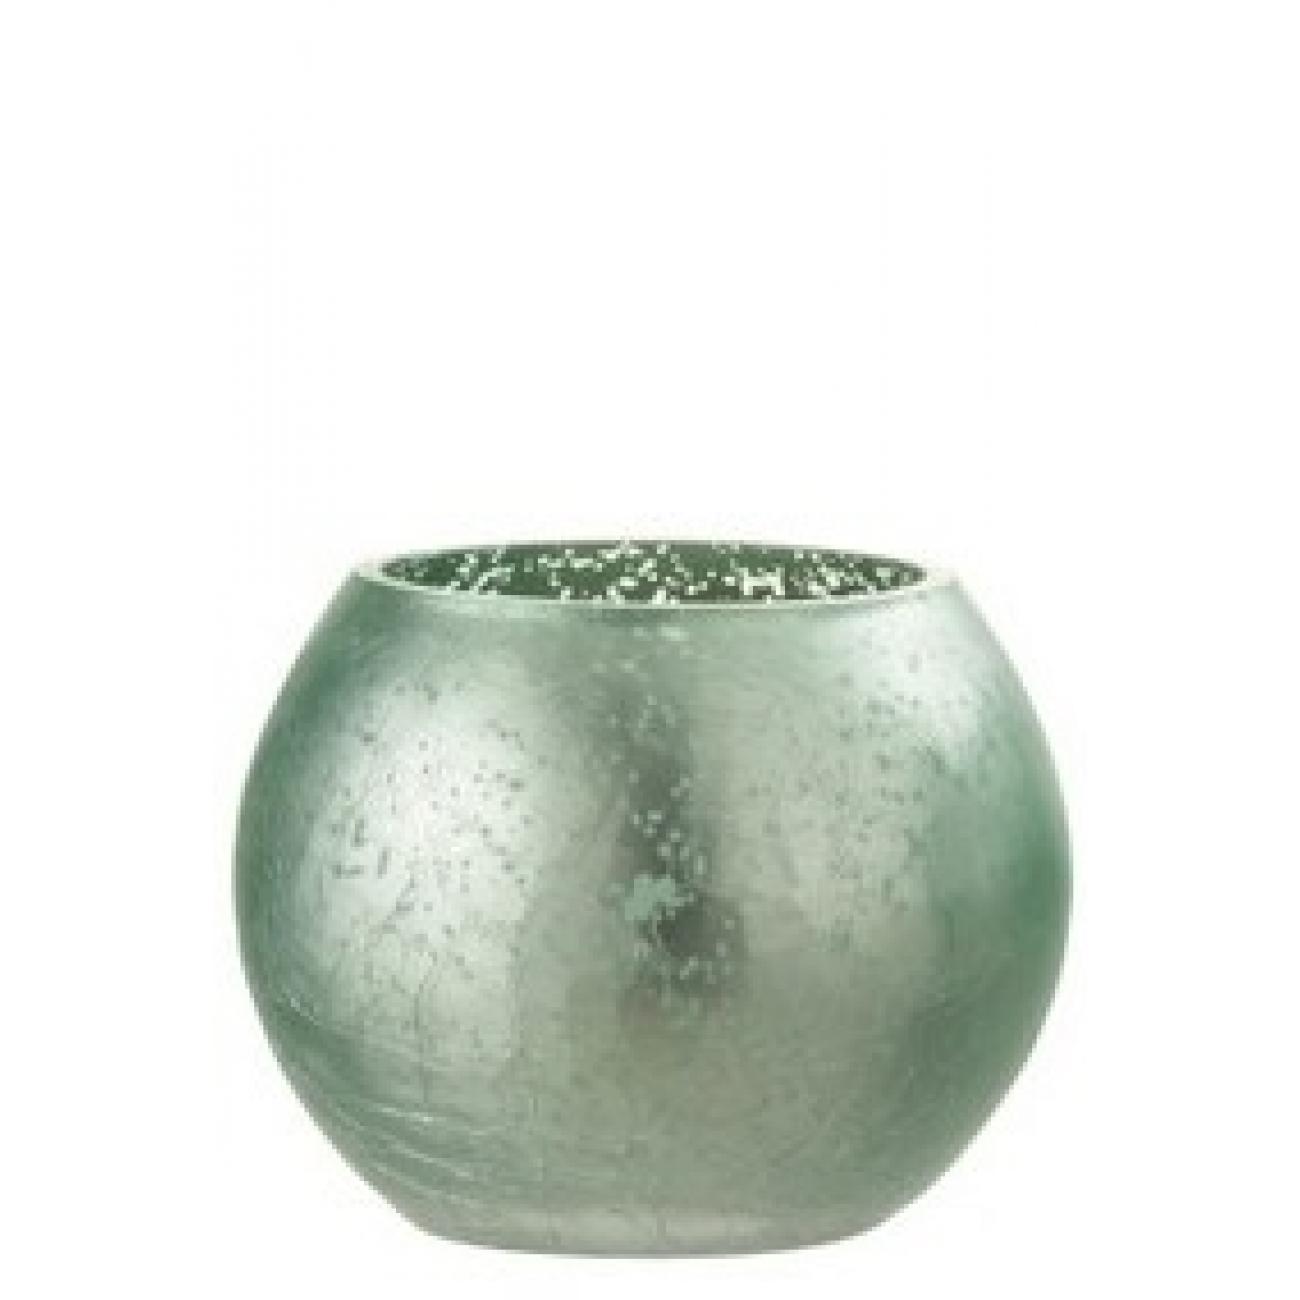 Подсвечник J-LINE стеклянный с эффектом разбитого стекла матовый зеленого цвета 12х12